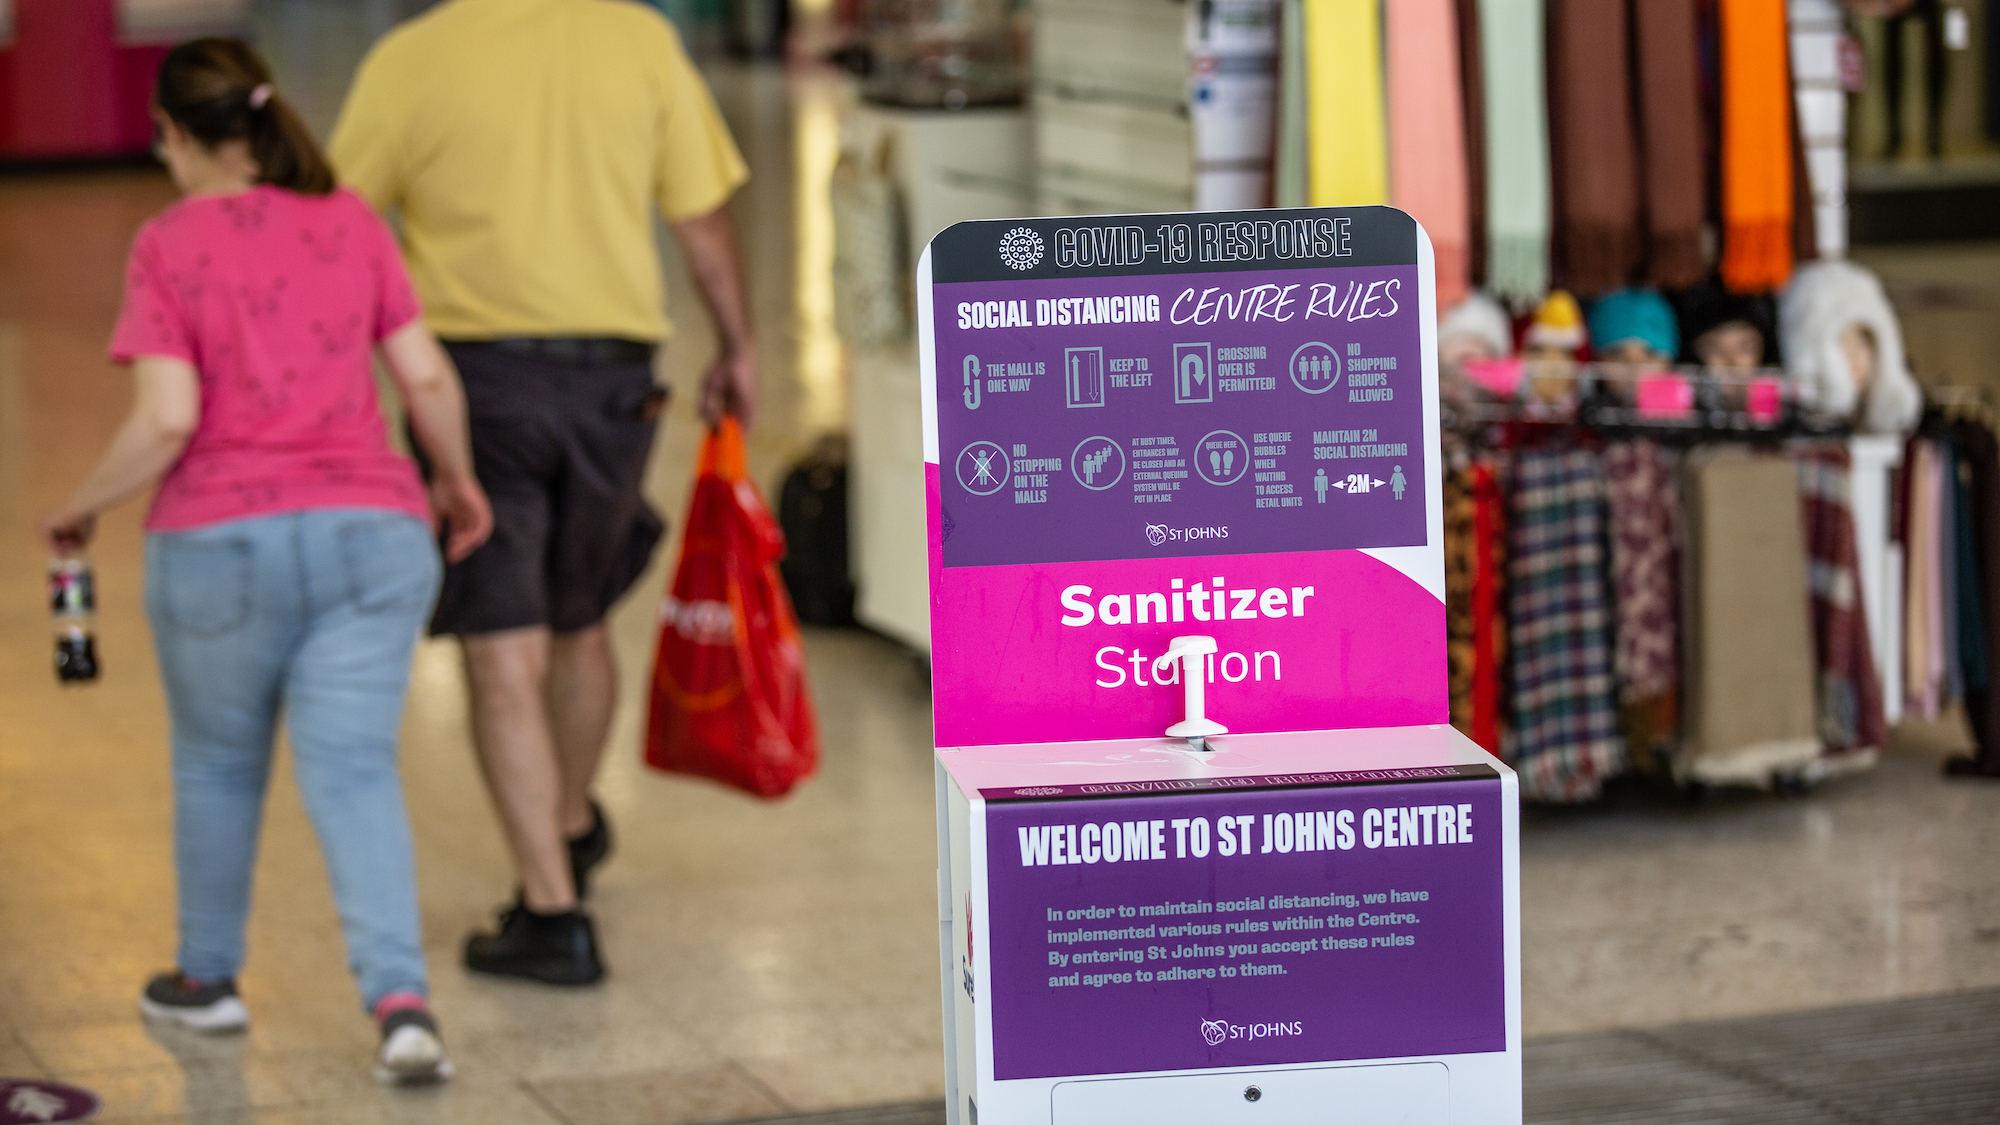 St Johns Centre